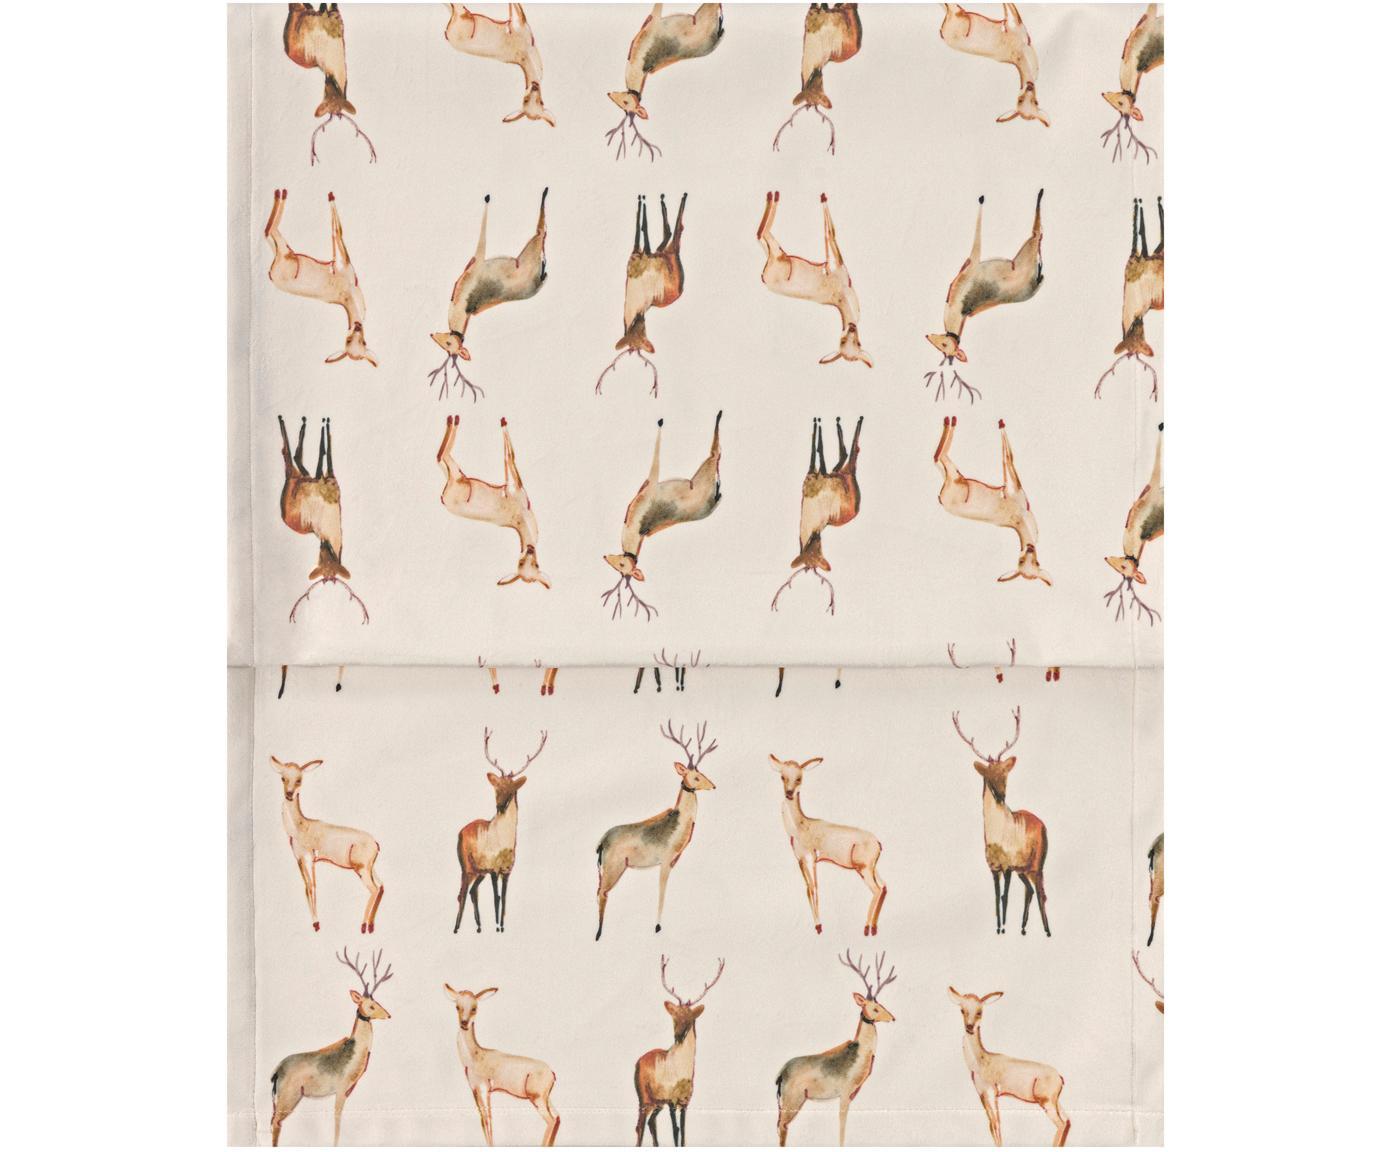 Samt-Tischläufer Herde mit Rehmotiven, Polyestersamt, Beige, Brauntöne, 40 x 145 cm